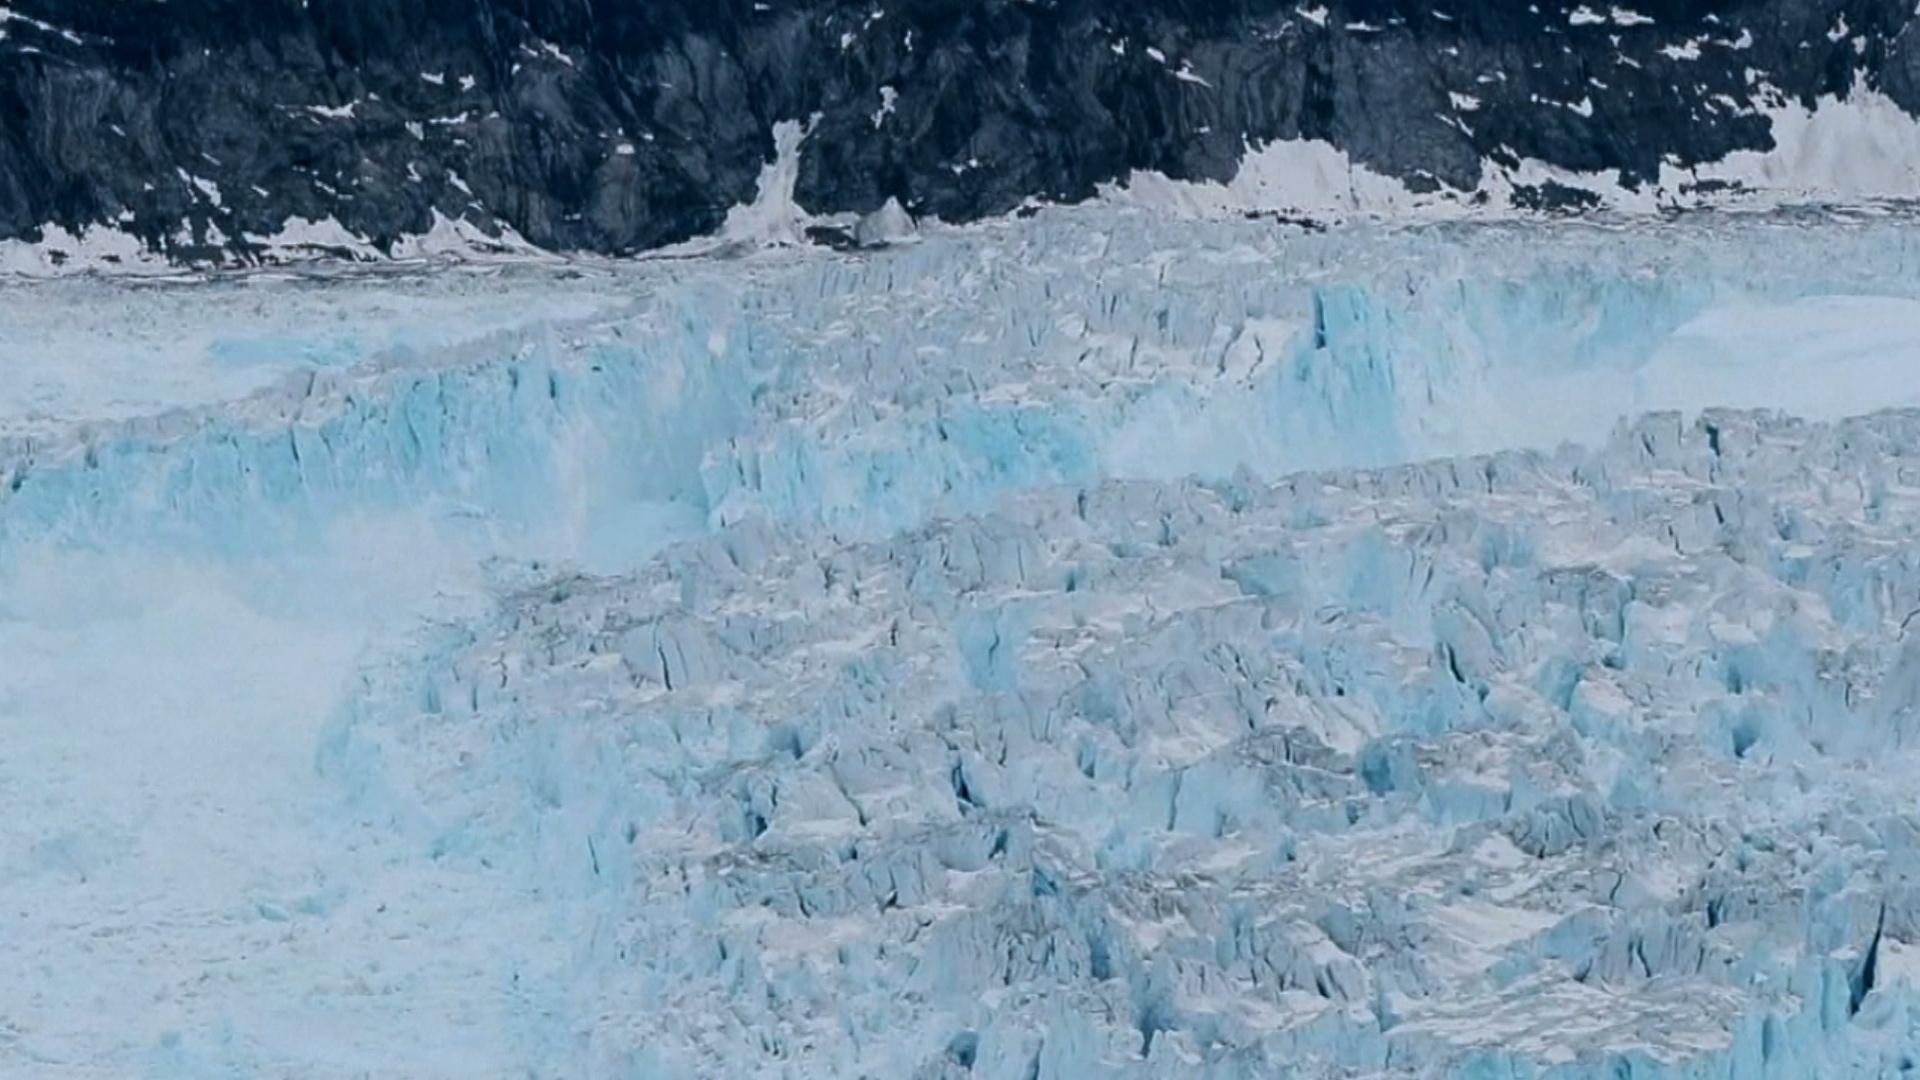 Woda z lodowców towarem eksportowym Grenlandii?